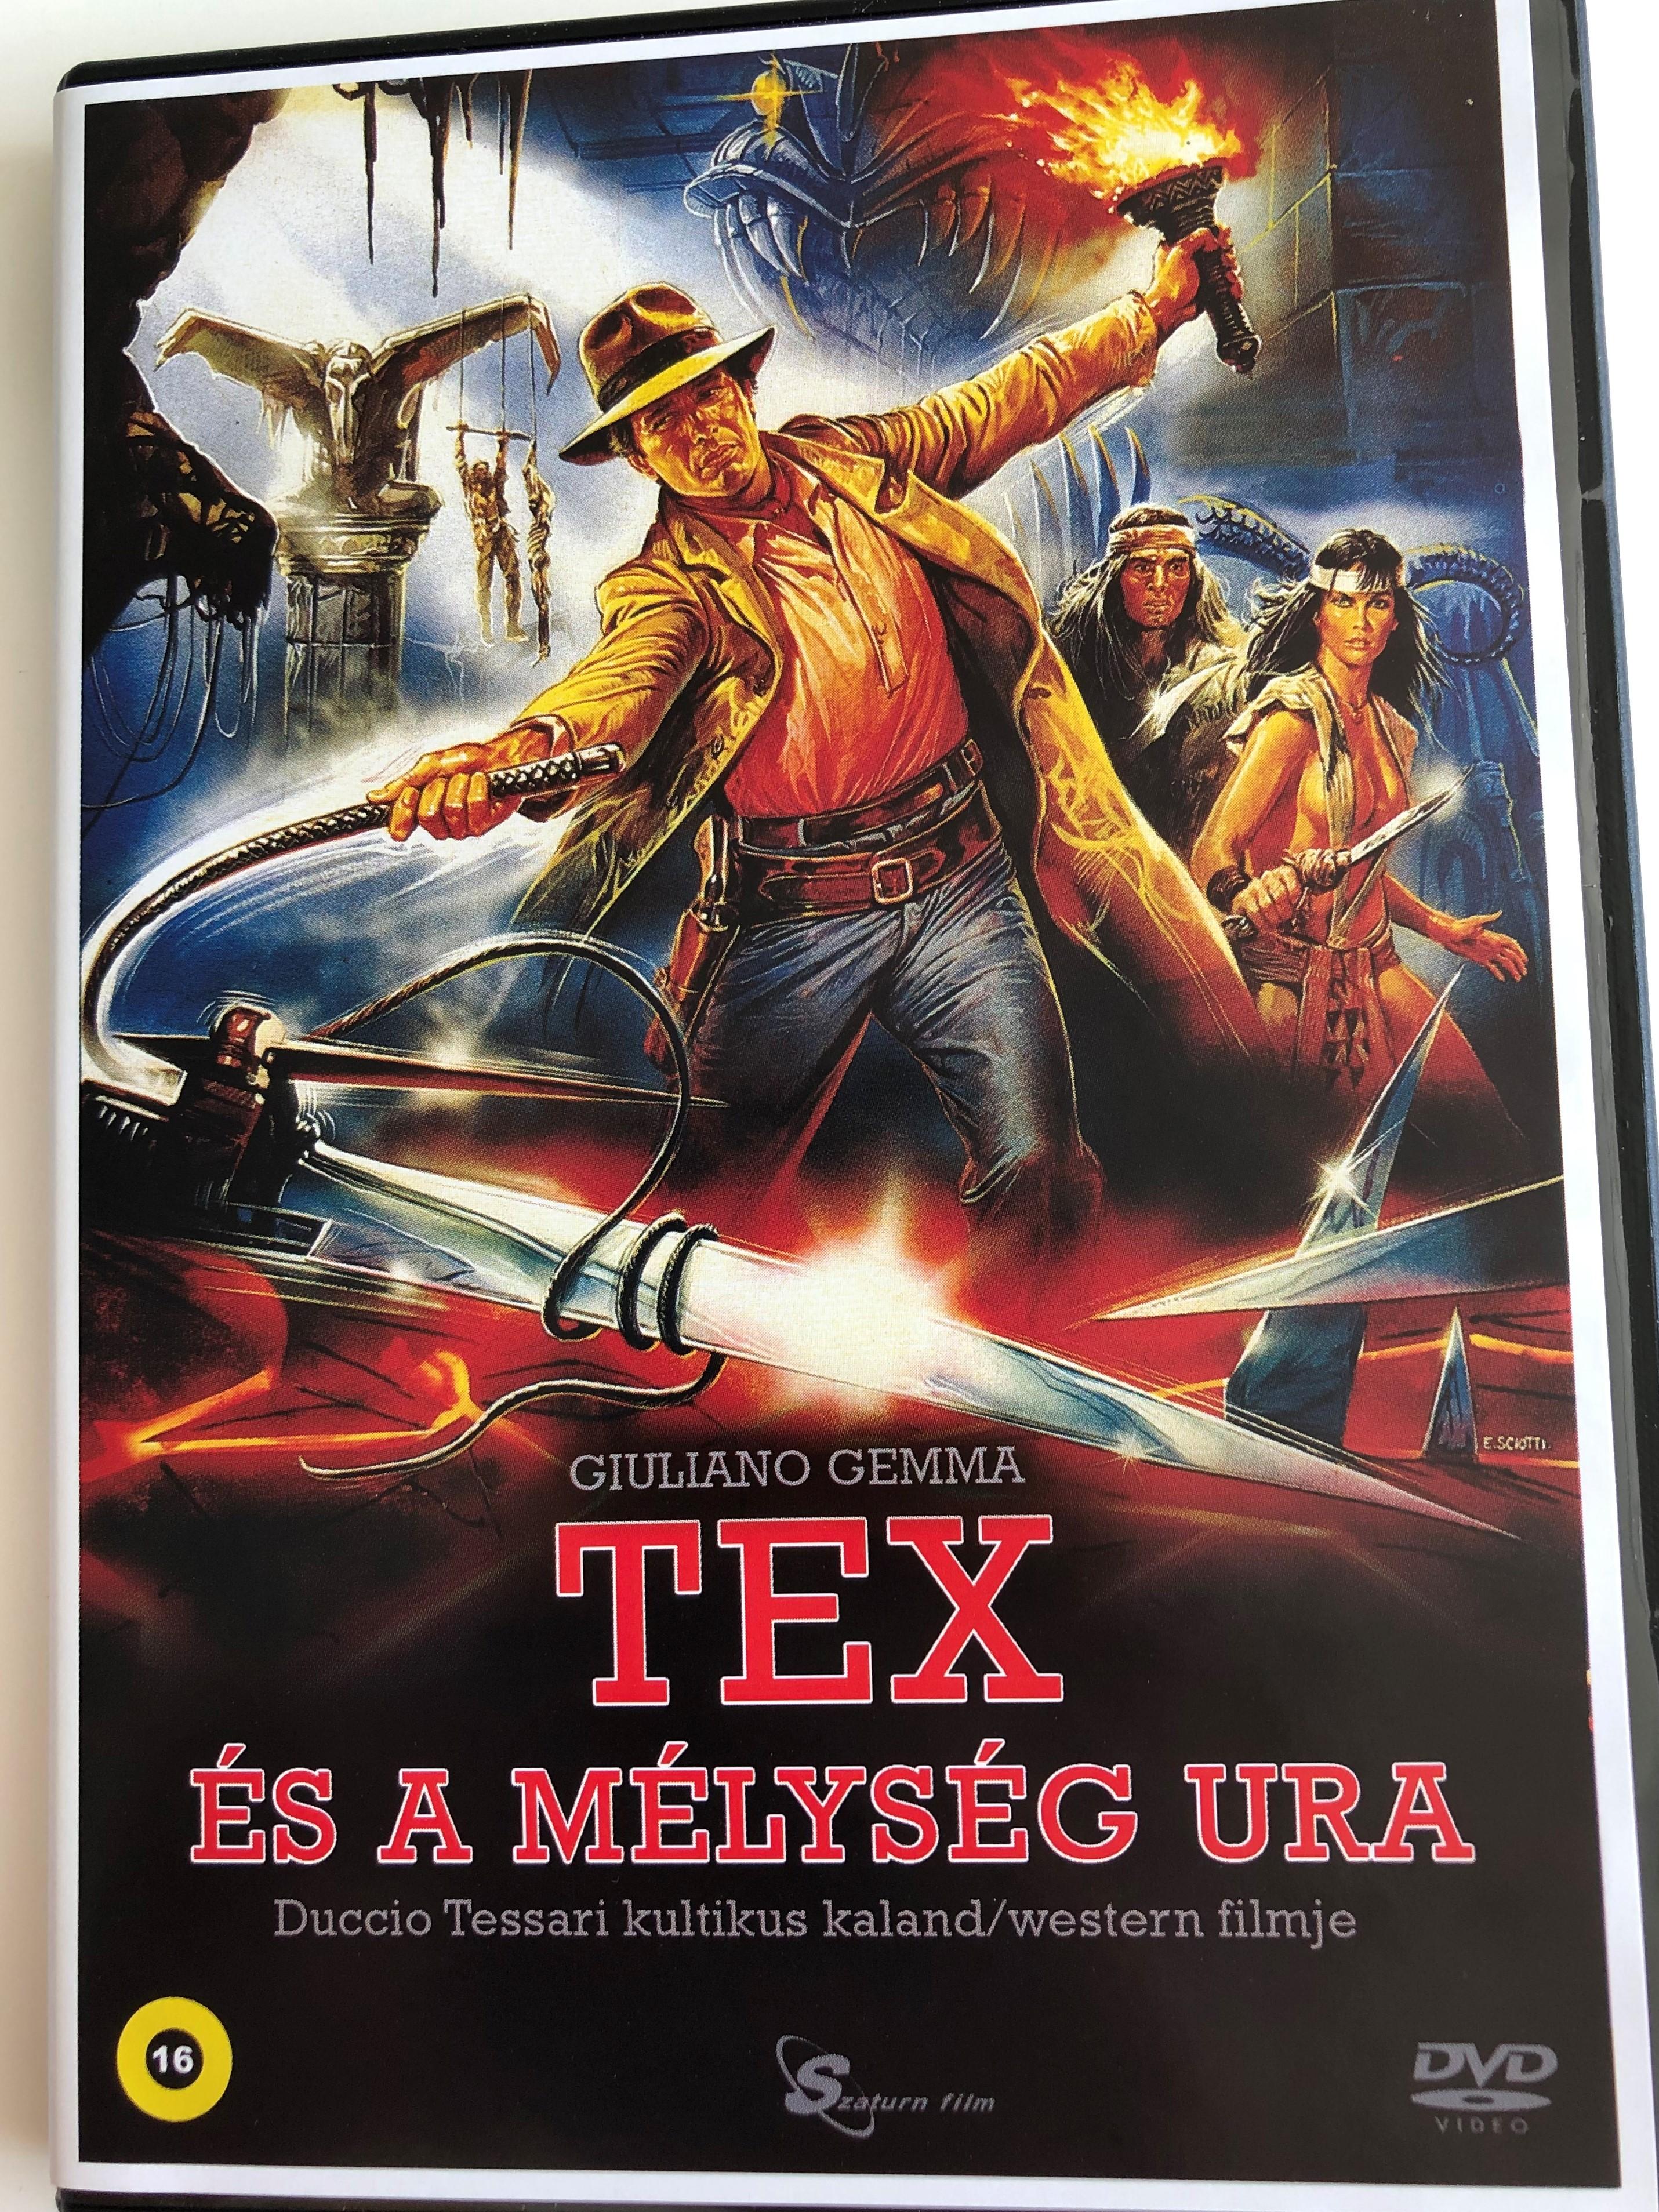 tex-e-il-signore-degli-abissi-dvd-1985-tex-s-a-m-lys-g-ura-tex-and-the-lord-of-the-deep-directed-by-duccio-tessari-starring-giuliano-gemma-william-berger-carlo-mucari-peter-berling-1-.jpg